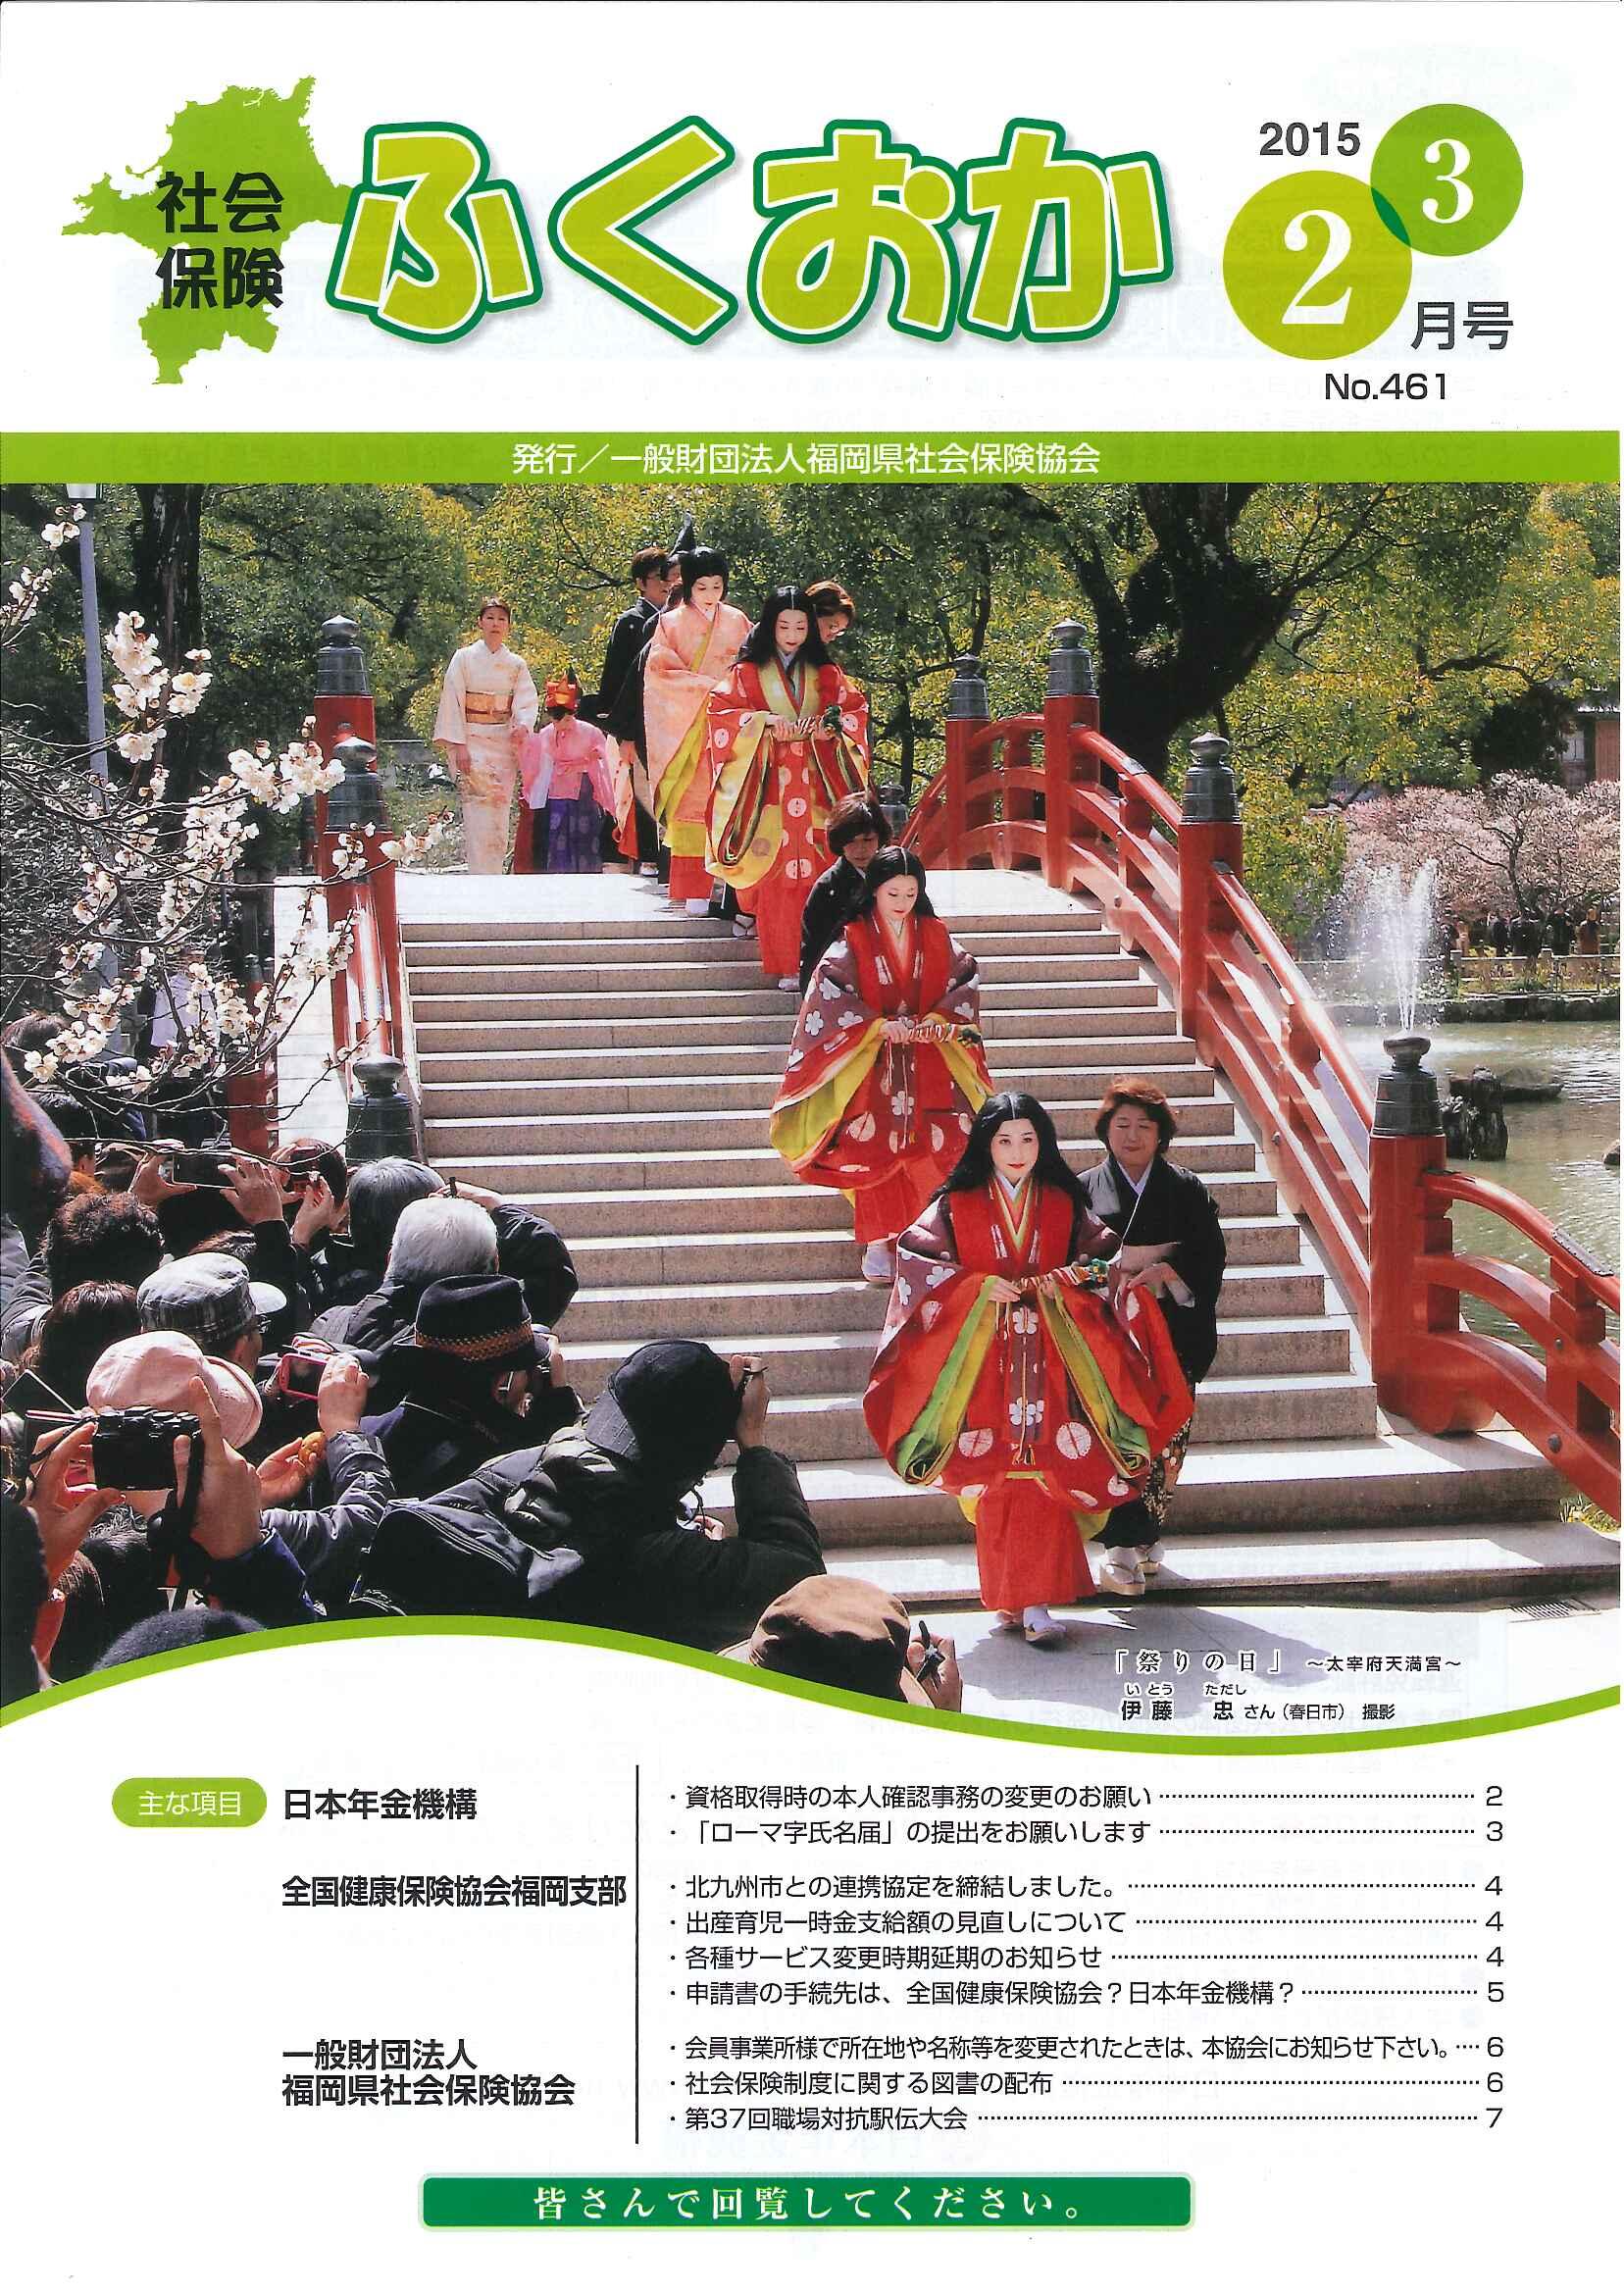 社会保険「ふくおか」2015年2~3月号_f0120774_131054.jpg